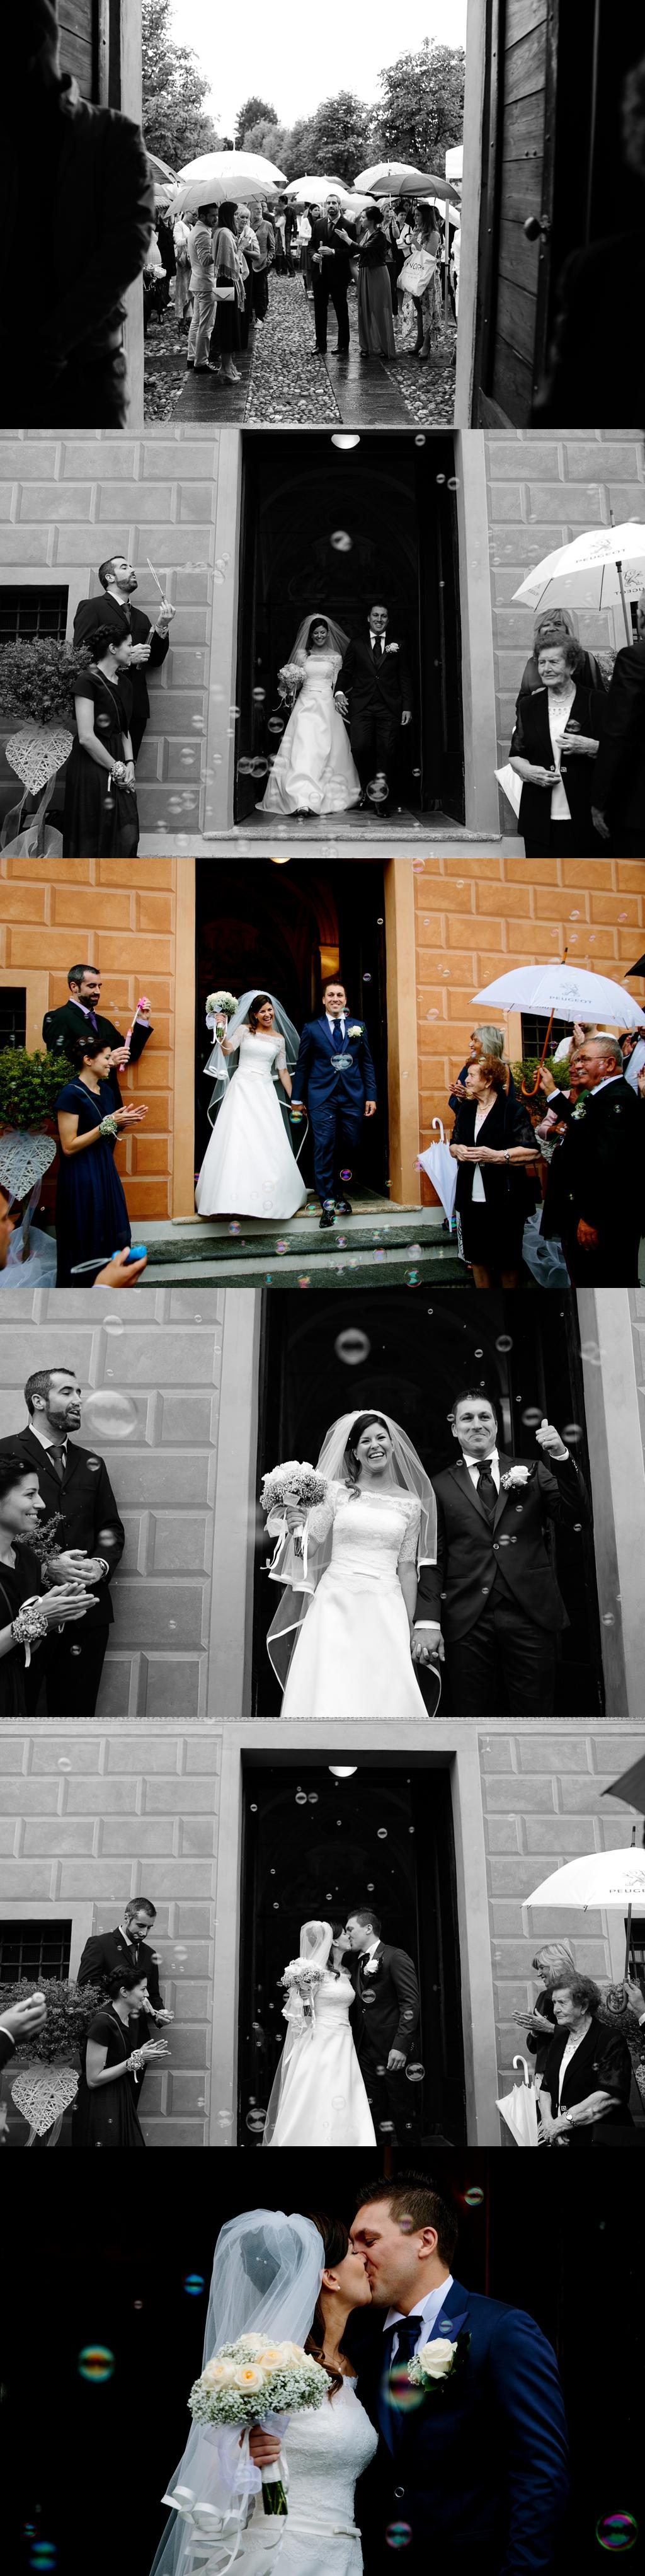 fotografo matrimonio uscita chiesa bolle sapone